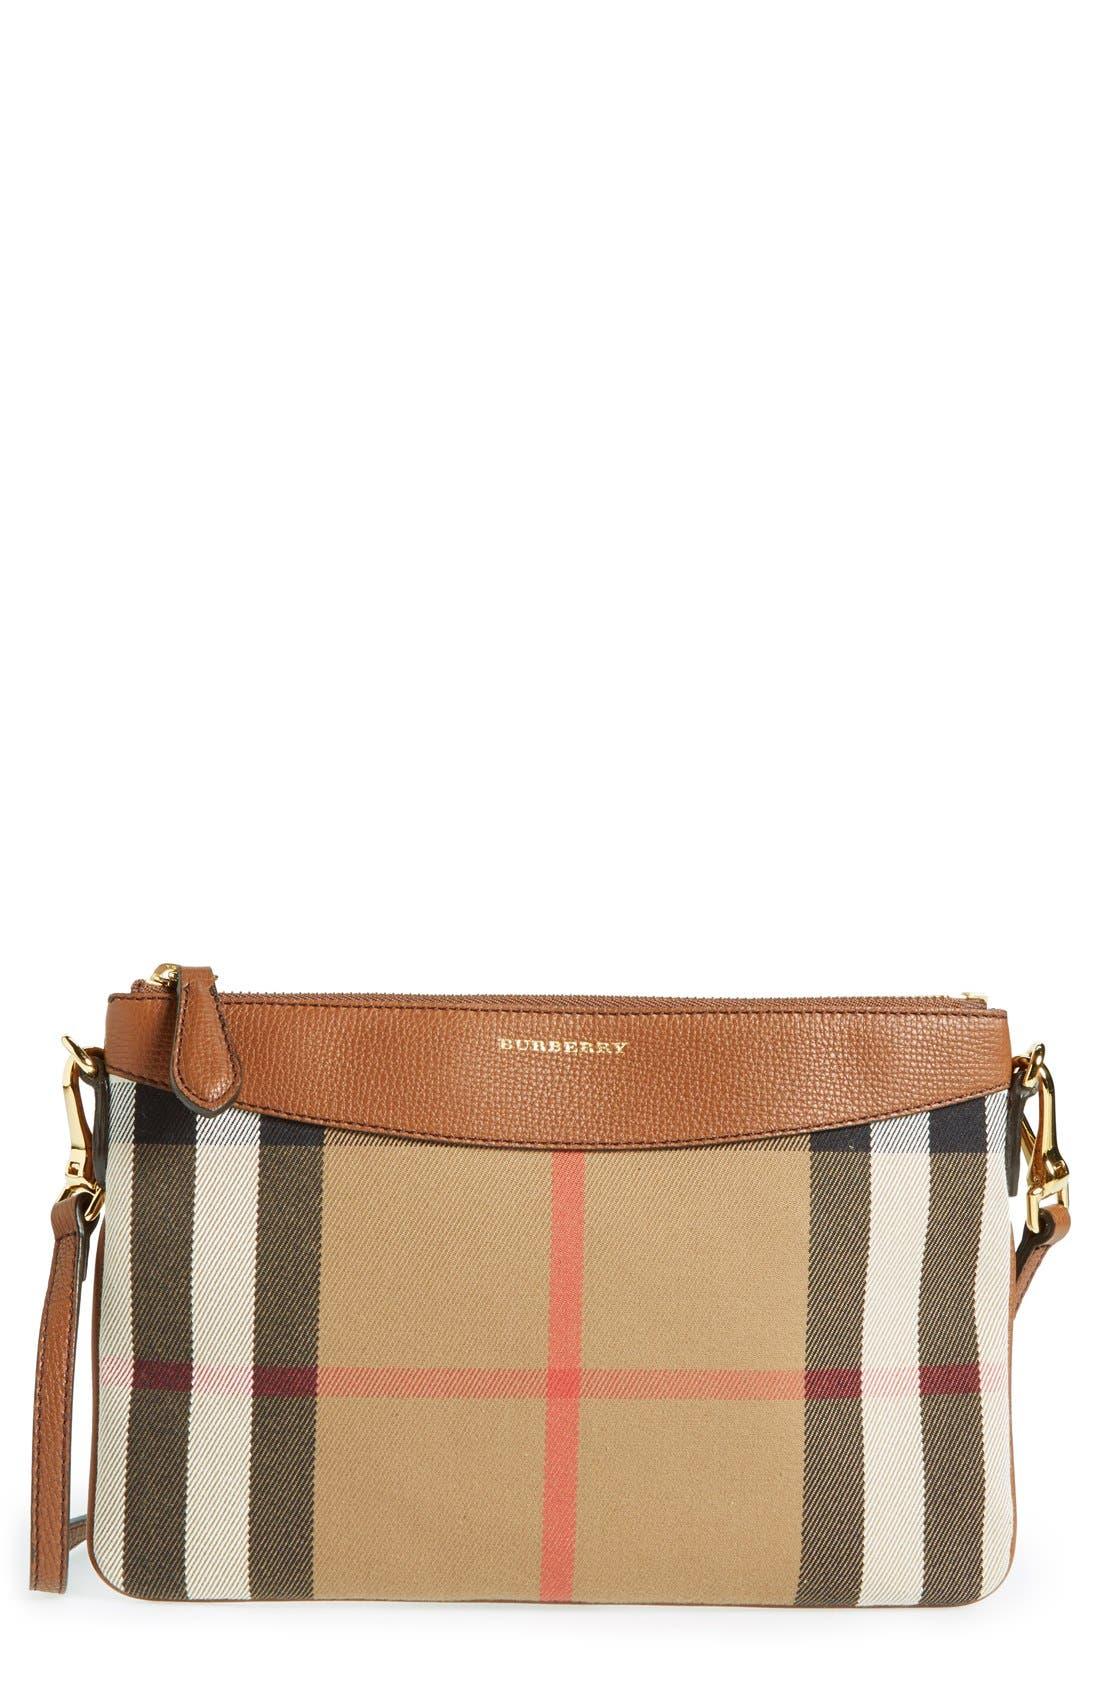 Main Image - Burberry 'Peyton - House Check' Crossbody Bag